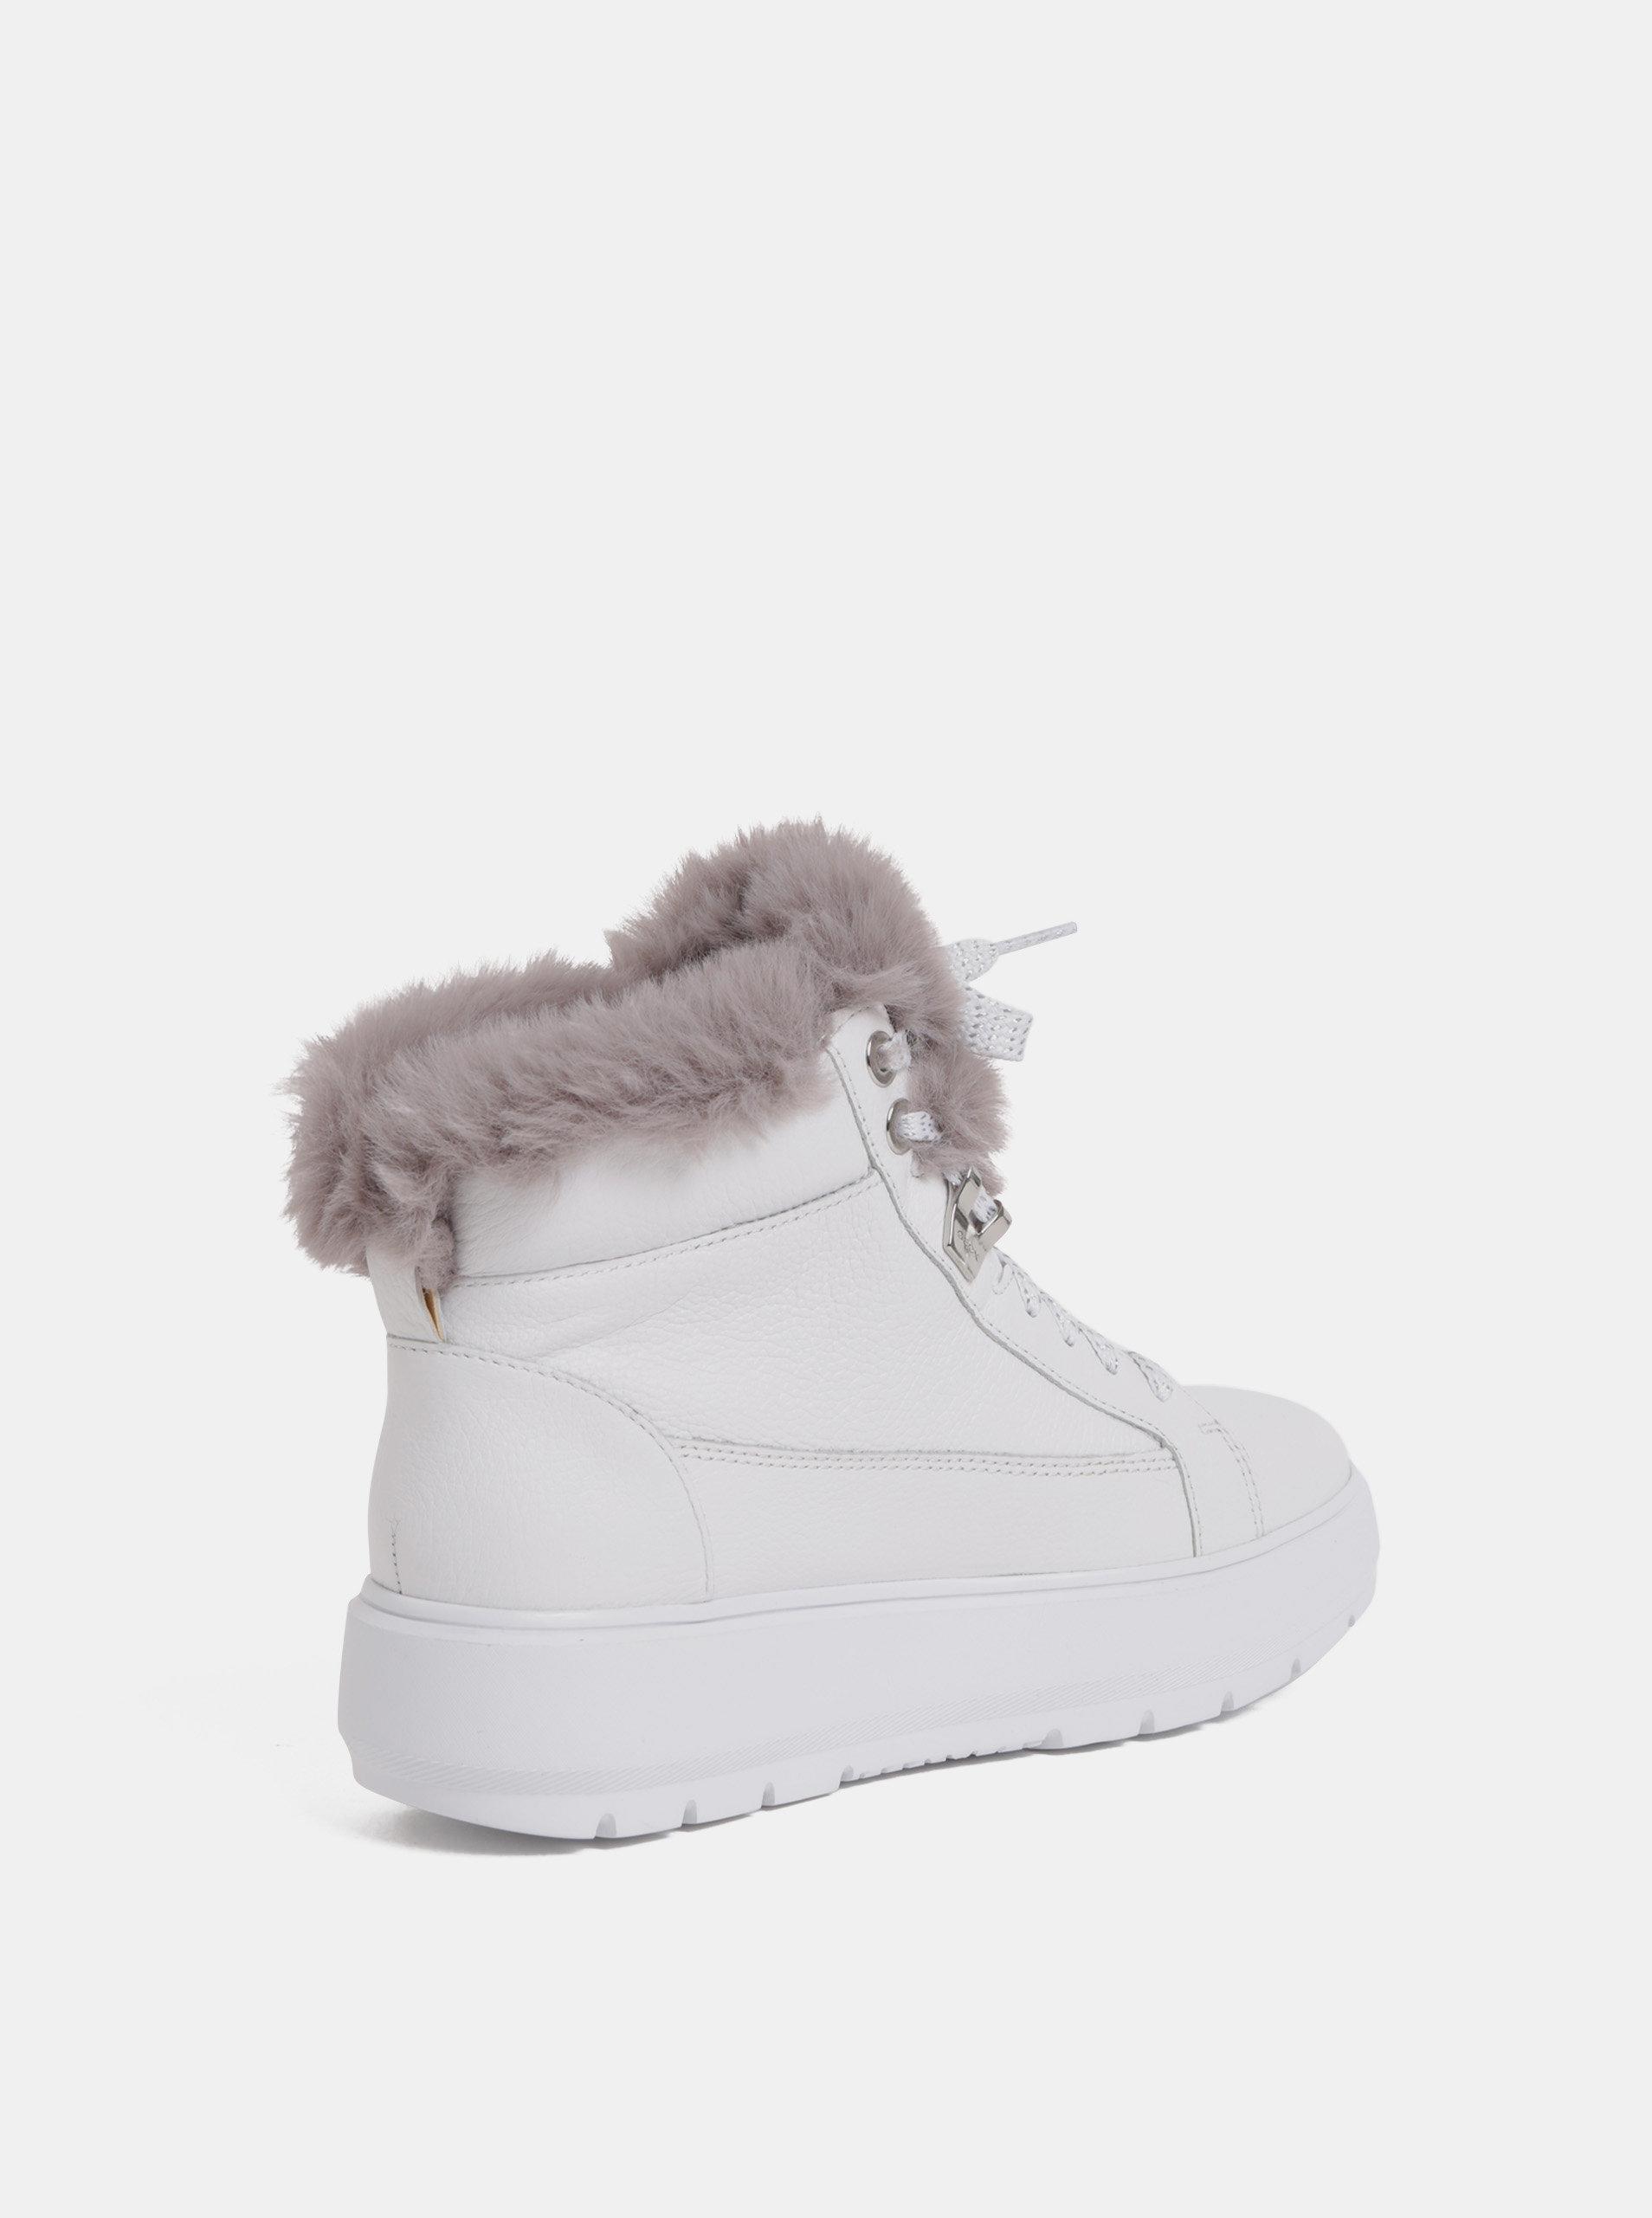 7833ed5968f Bílé dámské kožené zimní boty na platformě Geox Kaula ...